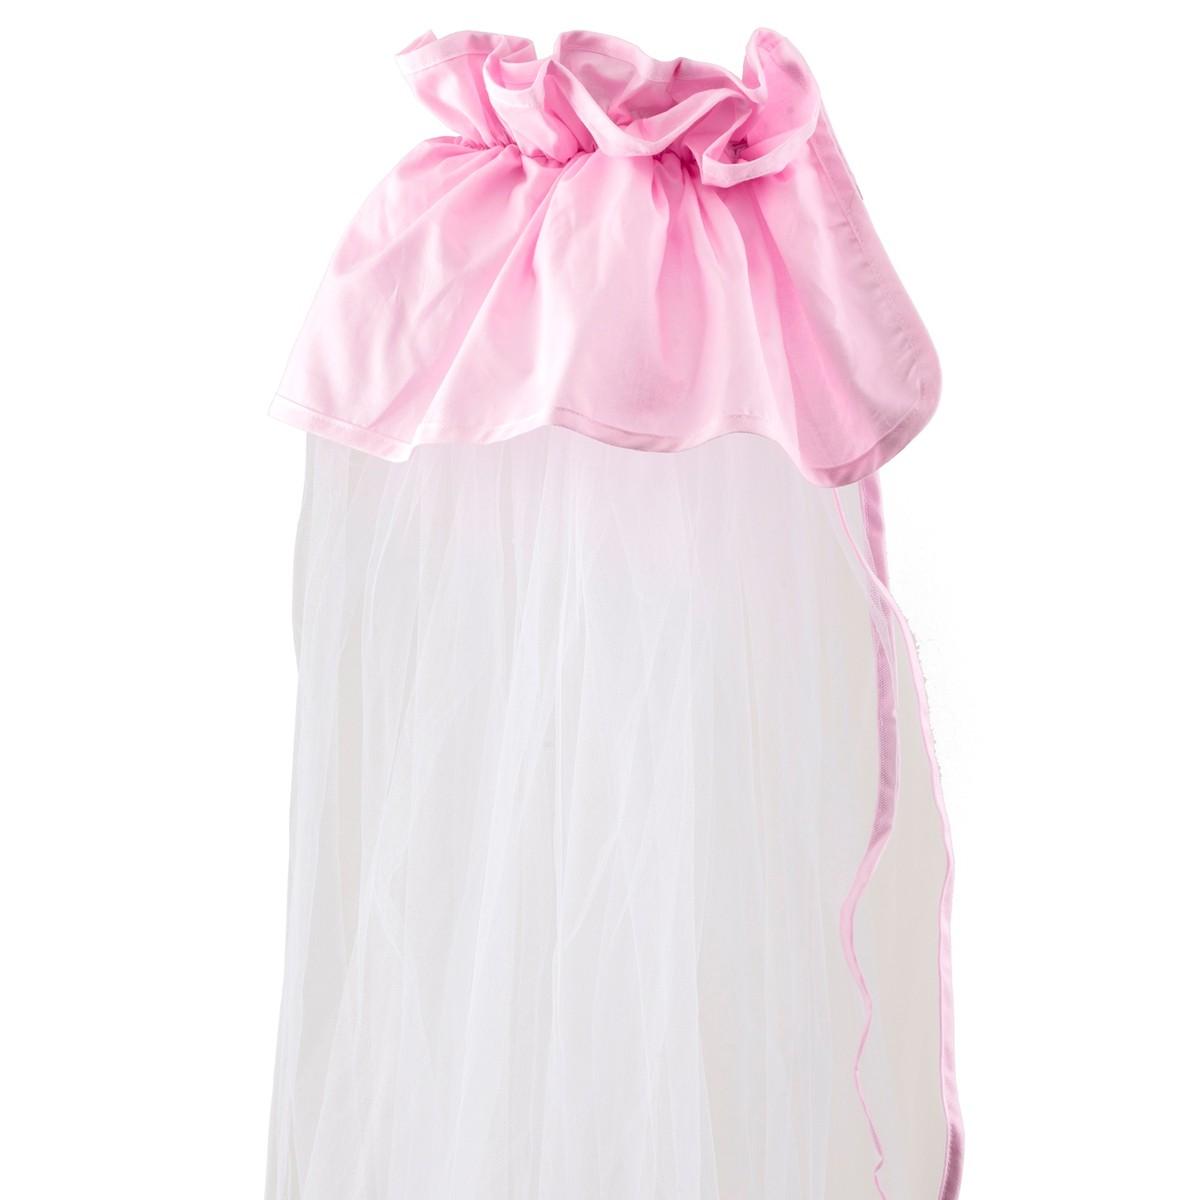 Κουνουπιέρα Λίκνου Κόσμος Του Μωρού Μονόχρωμη 0872 Ροζ